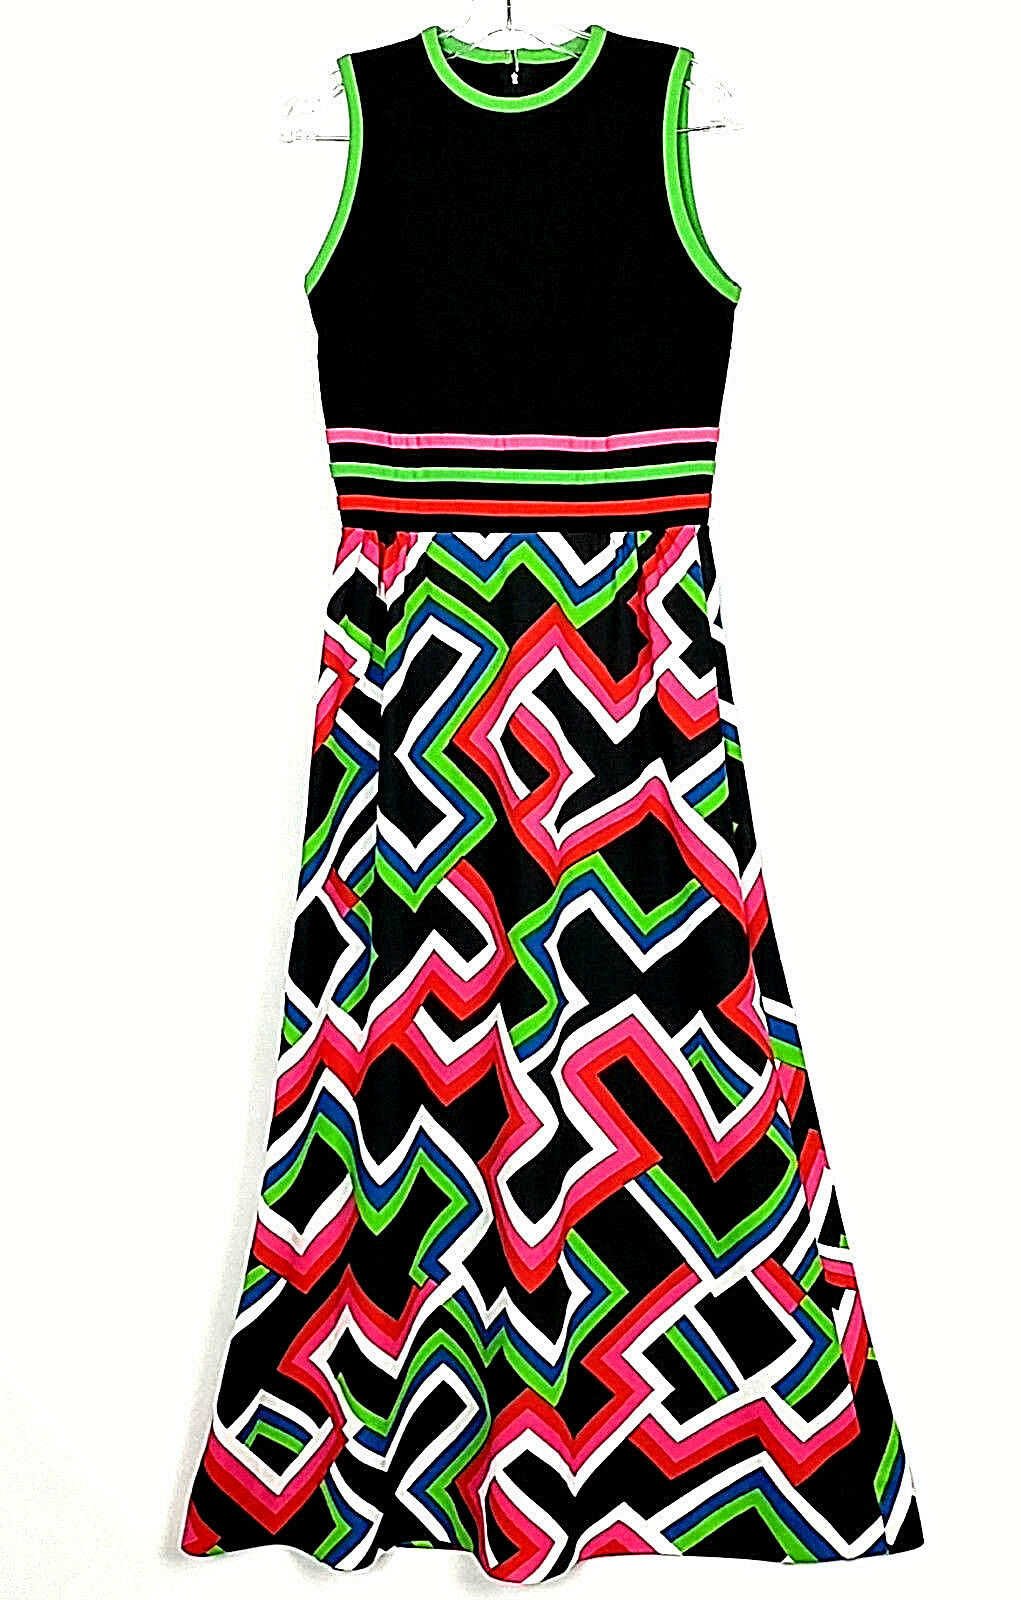 VTG 70's MOMENTUM Woherren High Waist Geometric A-Line Maxi Dress Sz 10 schwarz rot